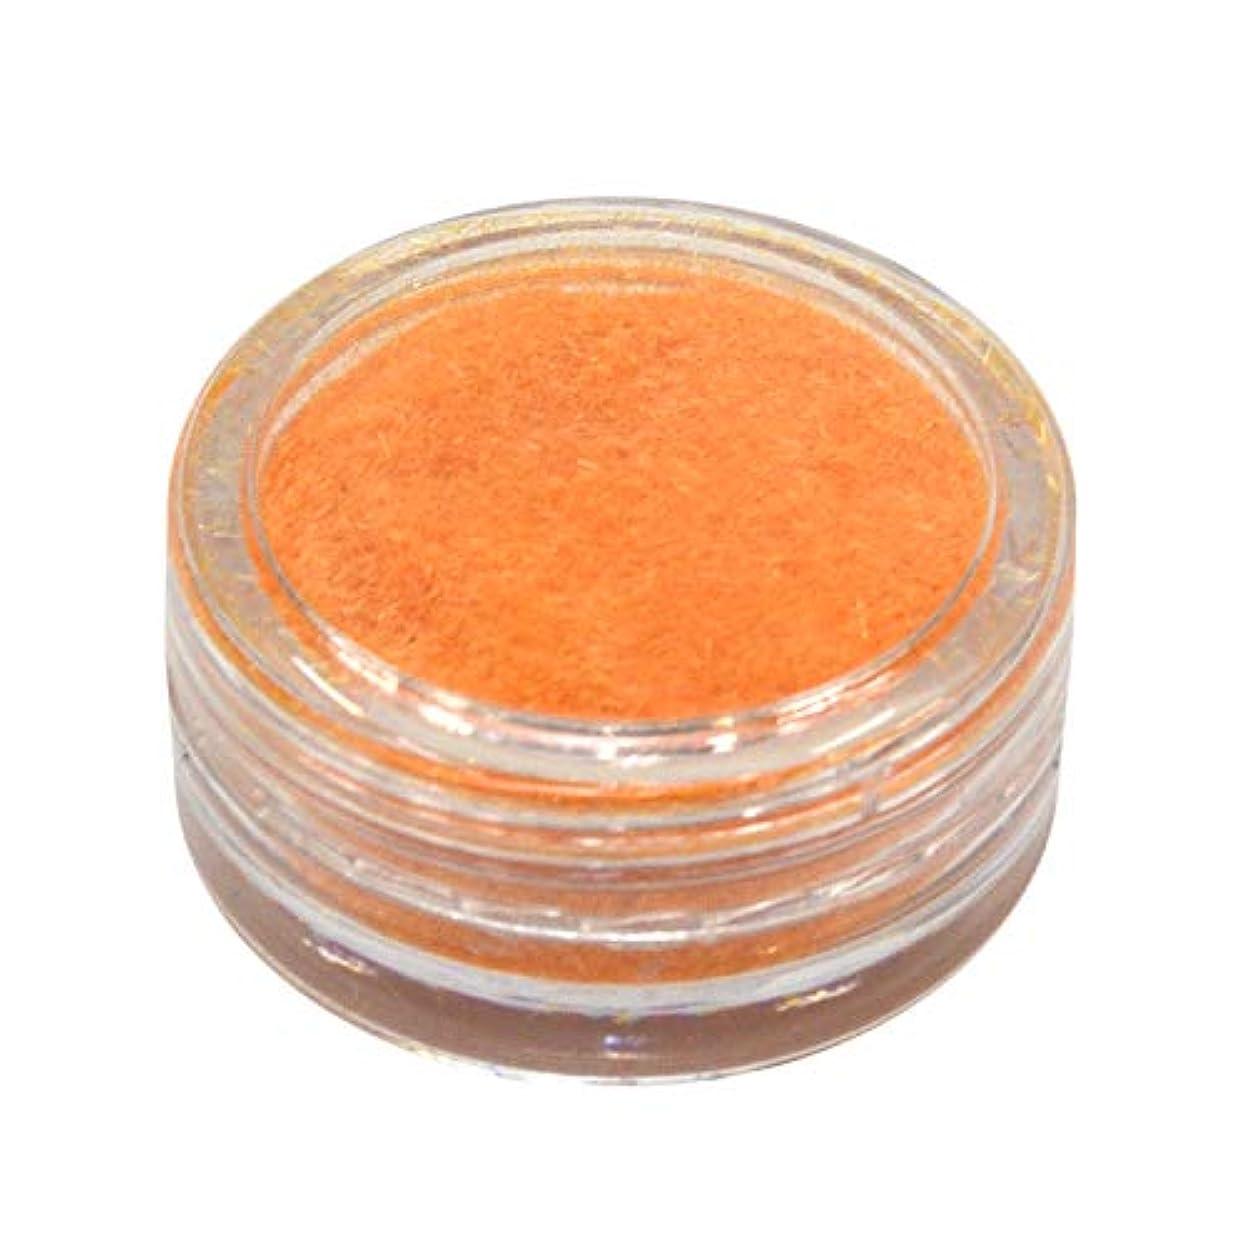 荷物それによって盗賊ネルパラ ベルベットパウダー #30 オレンジ